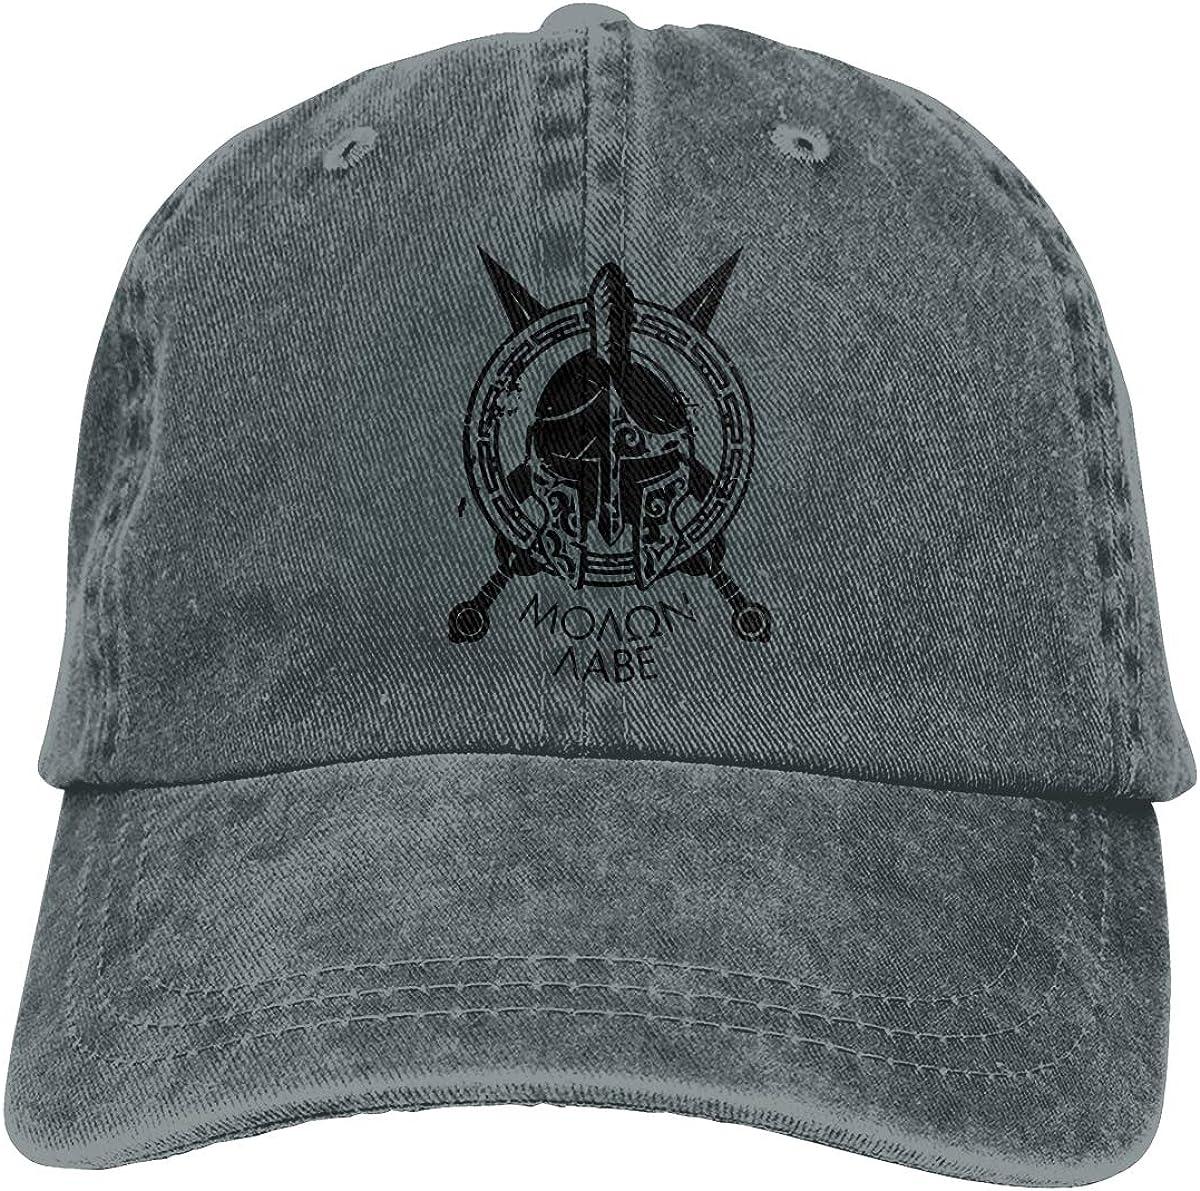 Spartan Molon Labe Military Adjustable Cotton Sunbonnet Plain Hat Baseball Cap Casquette